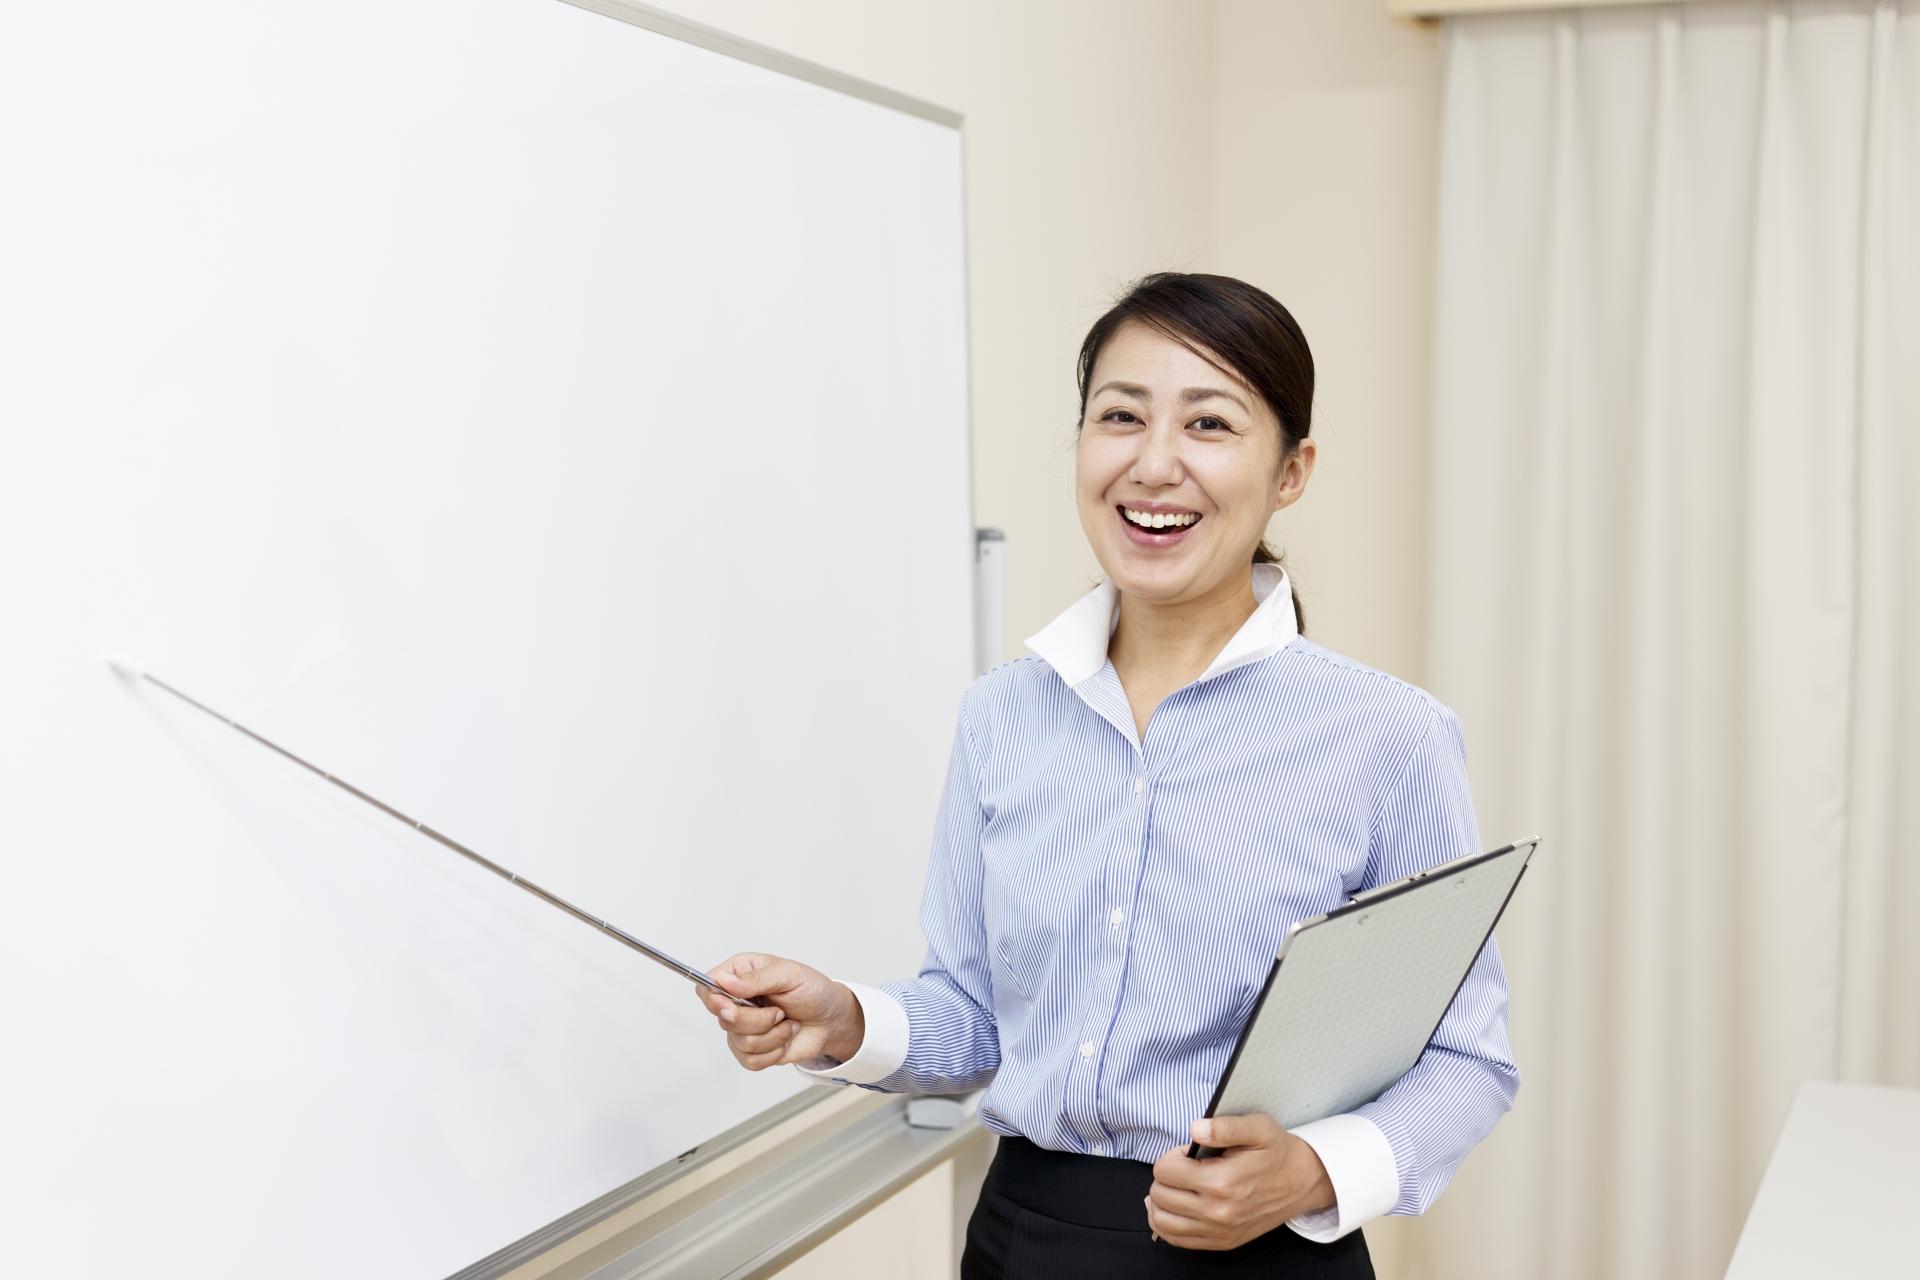 教員に向いていない人の性格とは?人に教える仕事に不向きな人は早めの転職を。